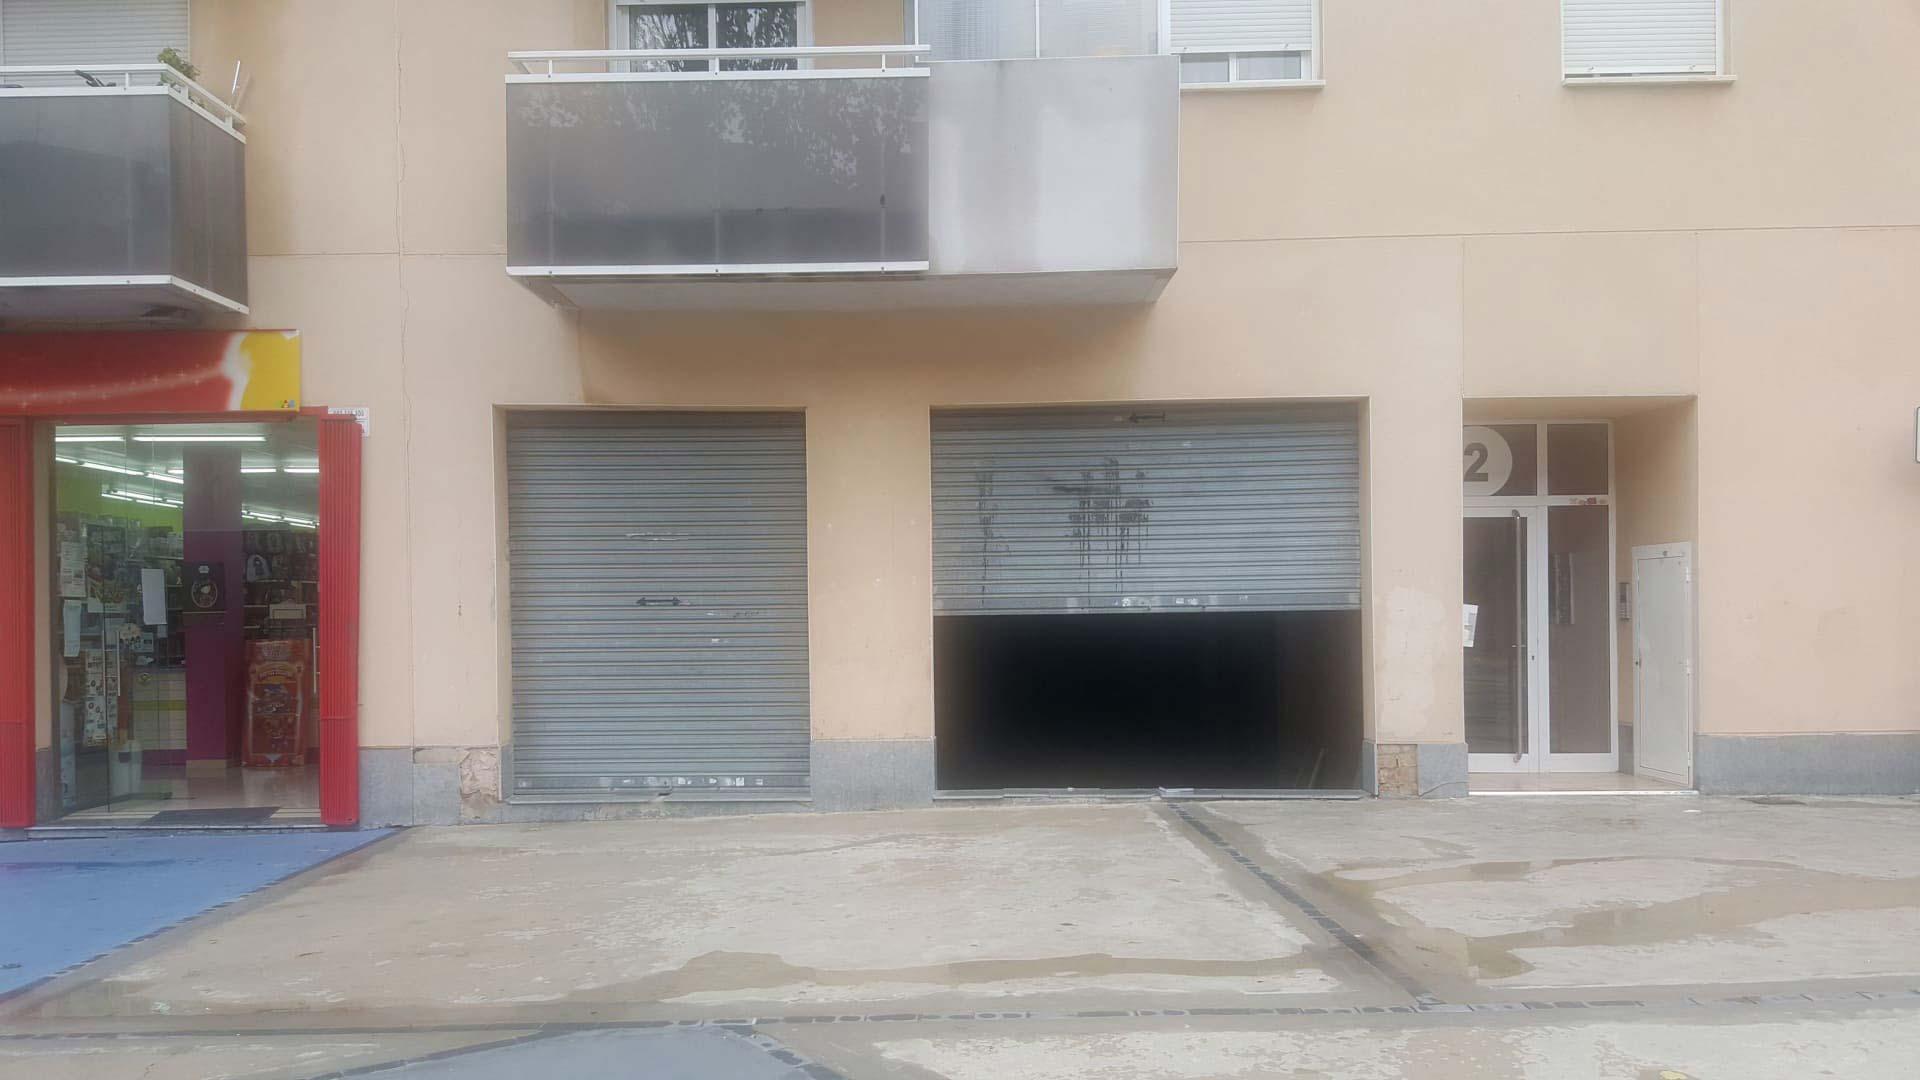 Local en venta en Local en Vila-seca, Tarragona, 127.176 €, 184 m2